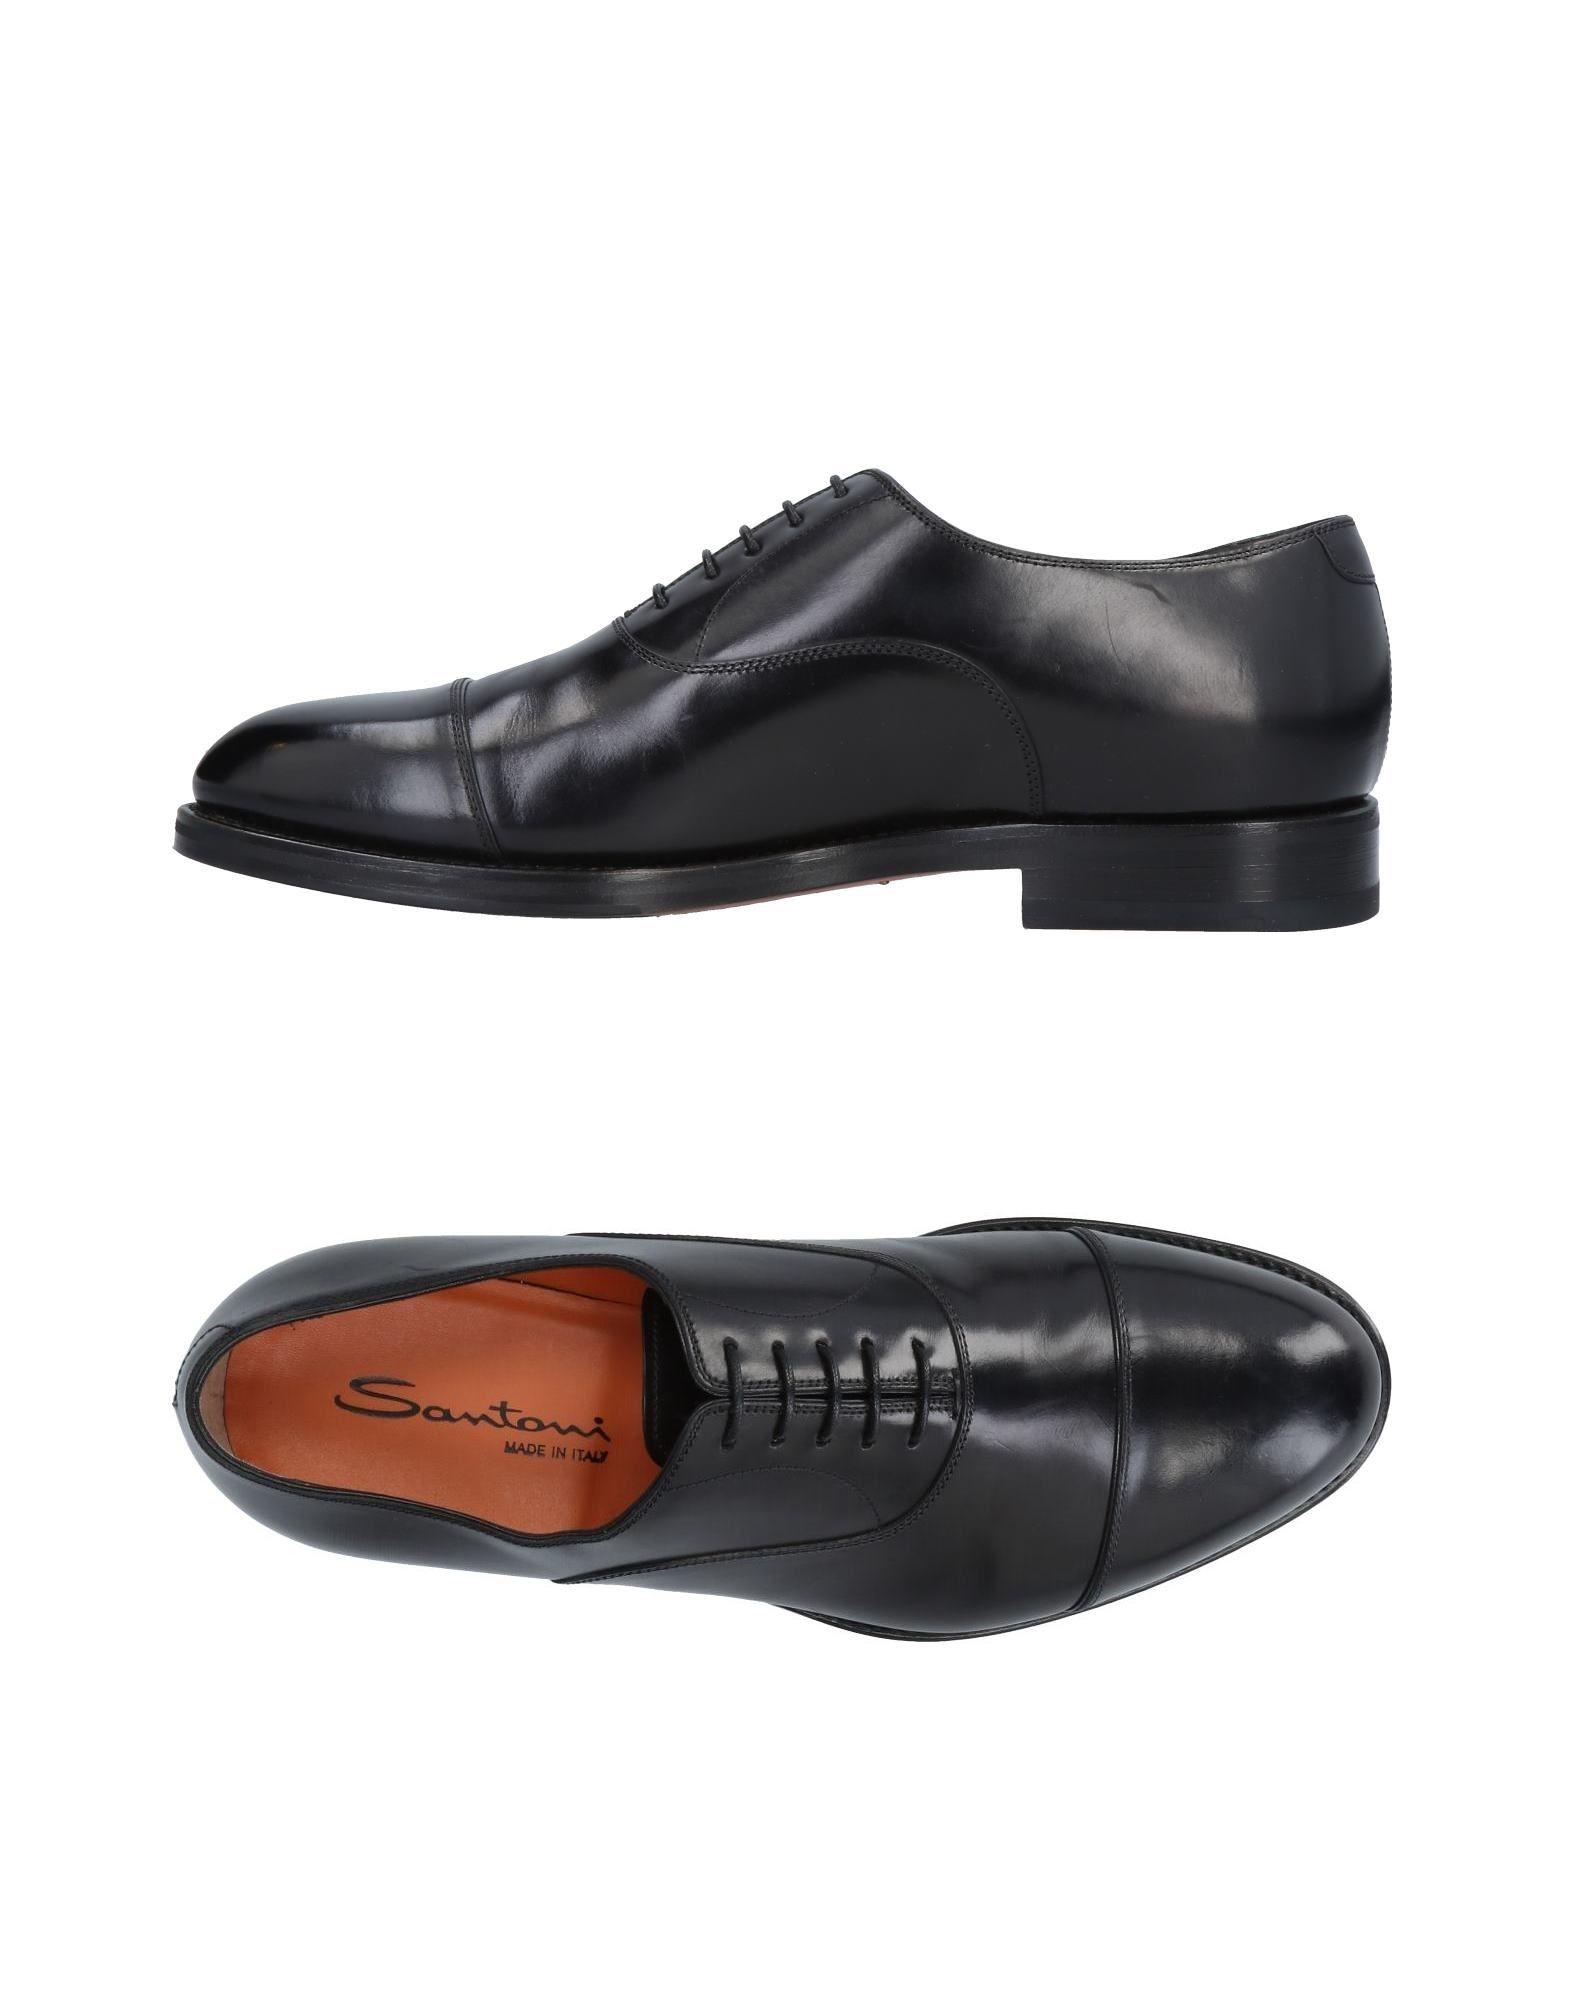 Santoni Schnürschuhe Herren  11478883DO Gute Qualität beliebte Schuhe